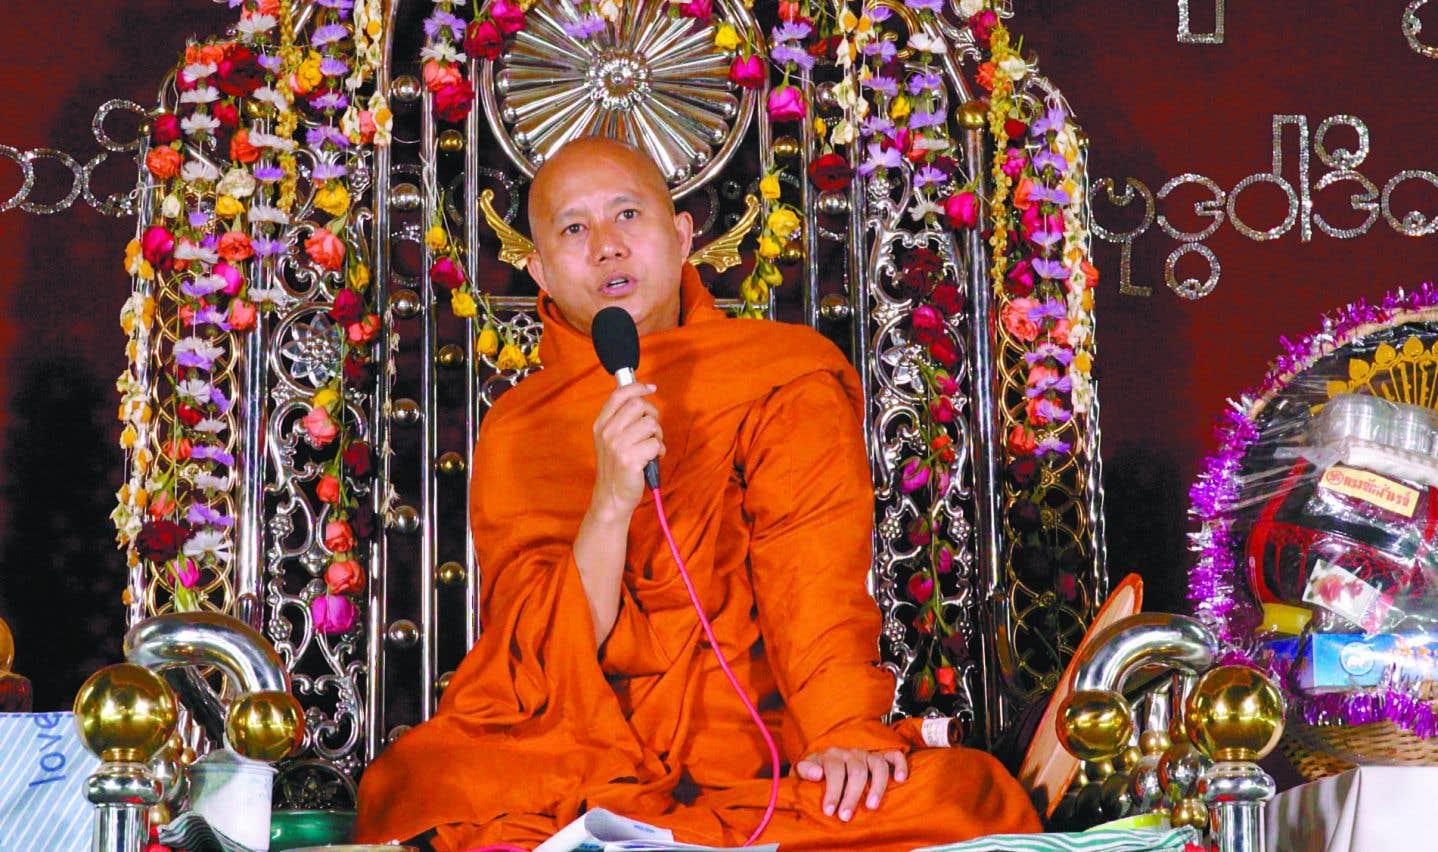 Visiblement ravi d'avoir une caméra braquée sur lui, Ashin Wirathu se livre sans se soucier du jugement, ivre d'influence et de puissance.